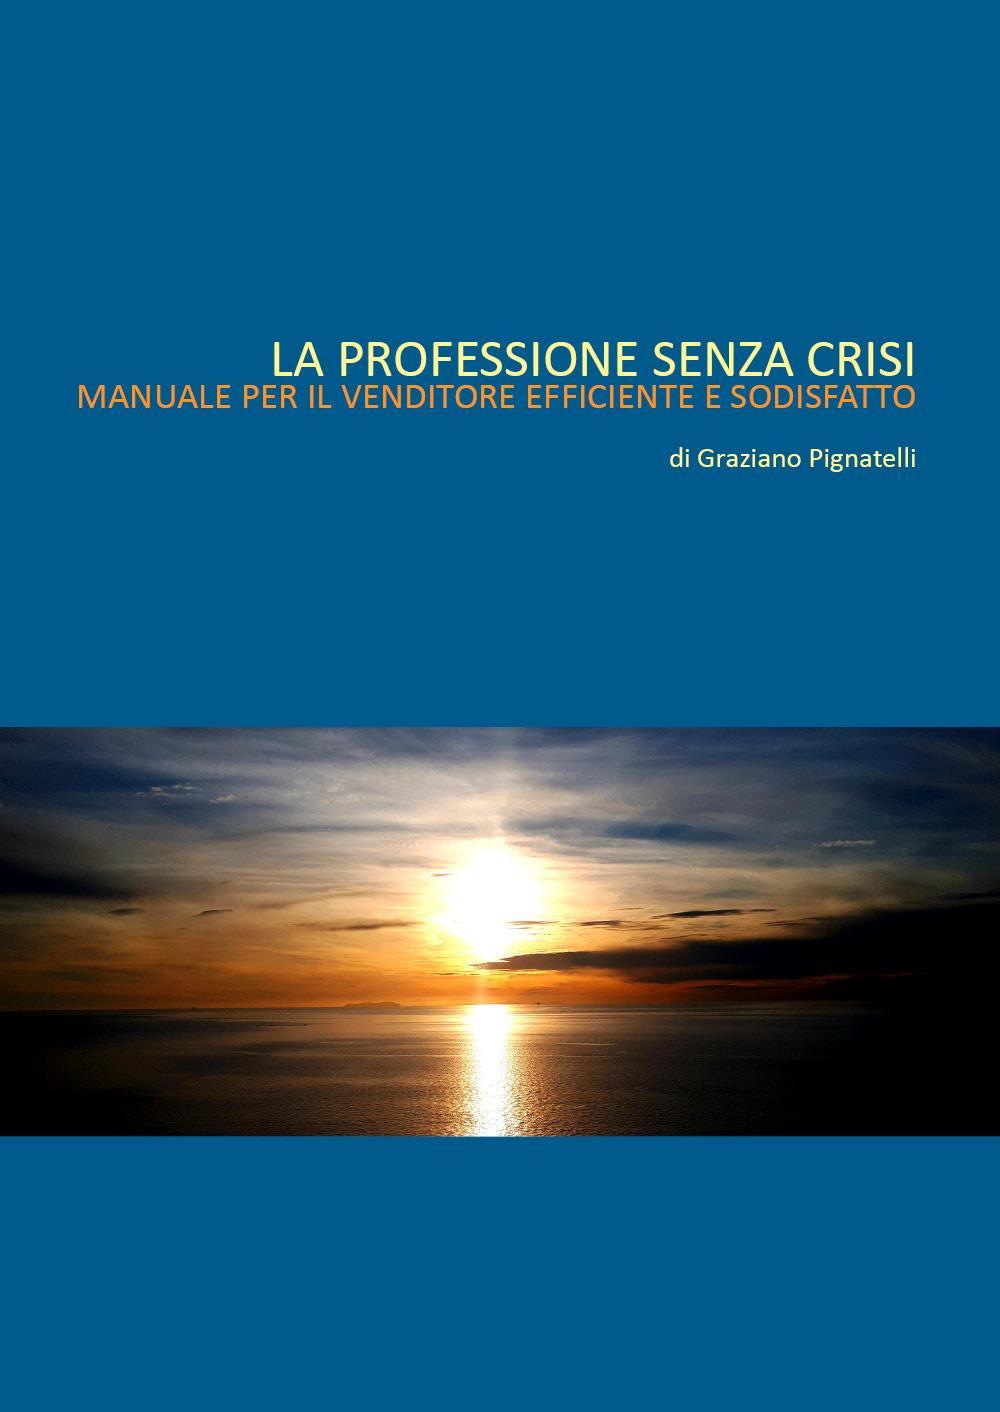 La professione senza crisi. Manuale per il venditore efficiente e soddisfatto.